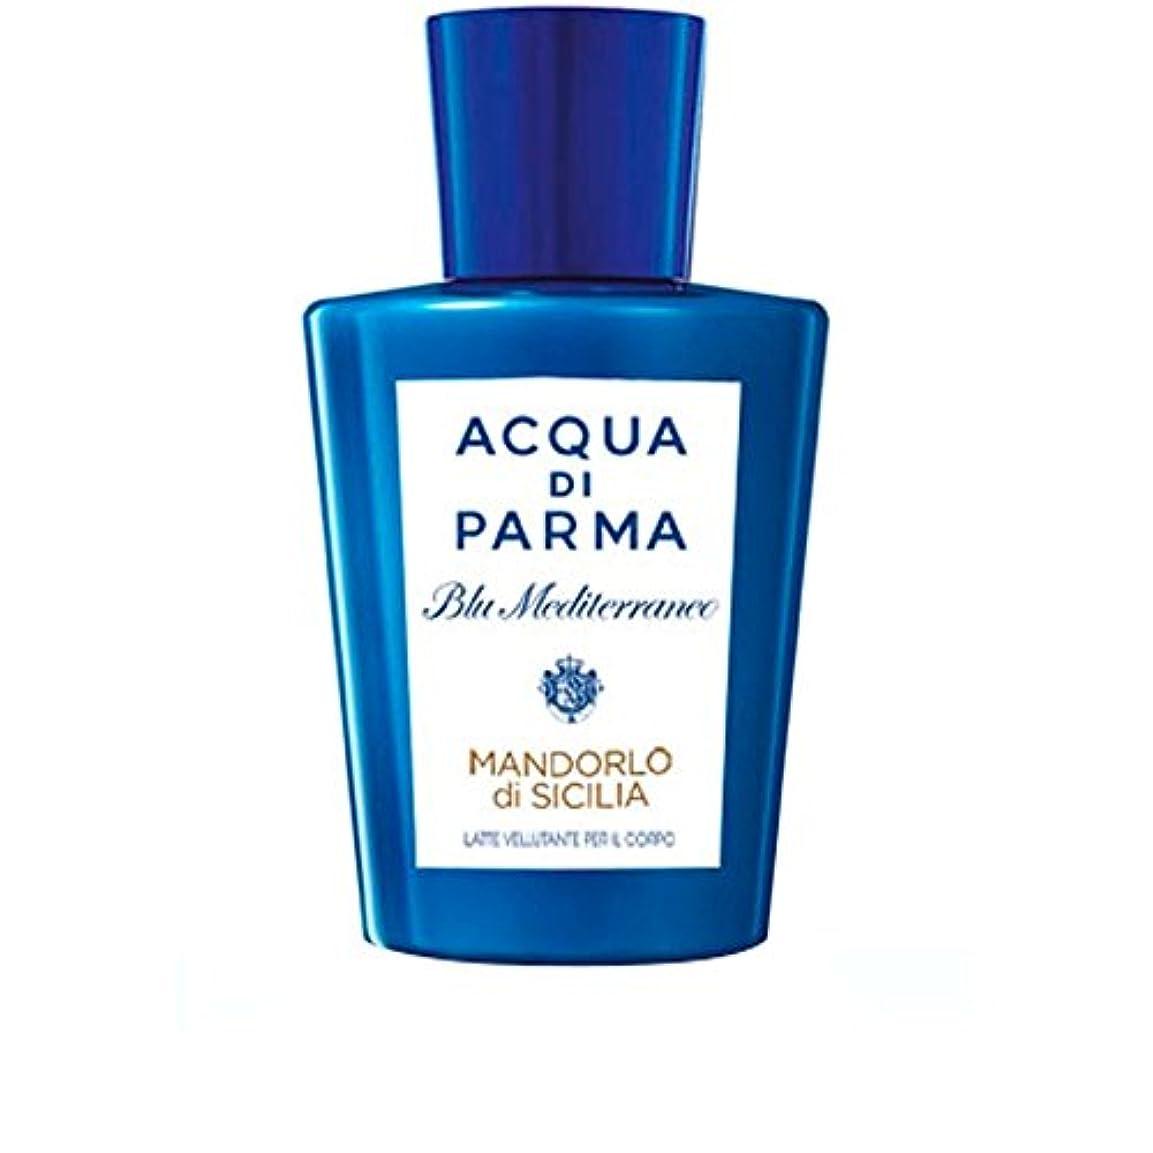 サミュエル砲兵エンドウAcqua Di Parma Mandorlo Di Sicilia Pampering Body Lotion 200ml (Pack of 6) - アクアディパルママンドルロ?ディ?シチリア至福のボディローション200...